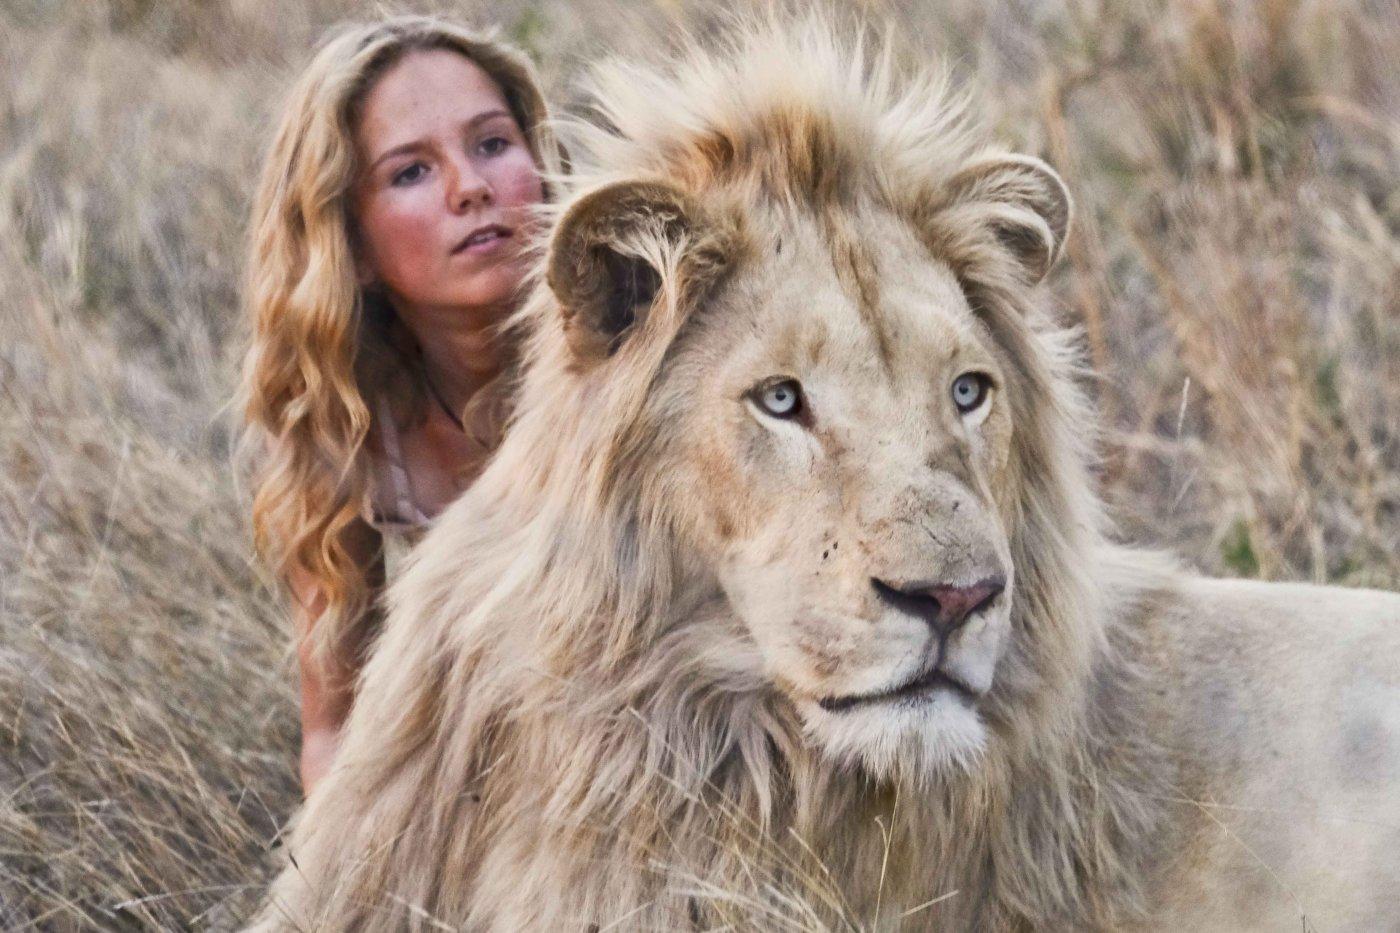 napos oroszlán xxx videók com